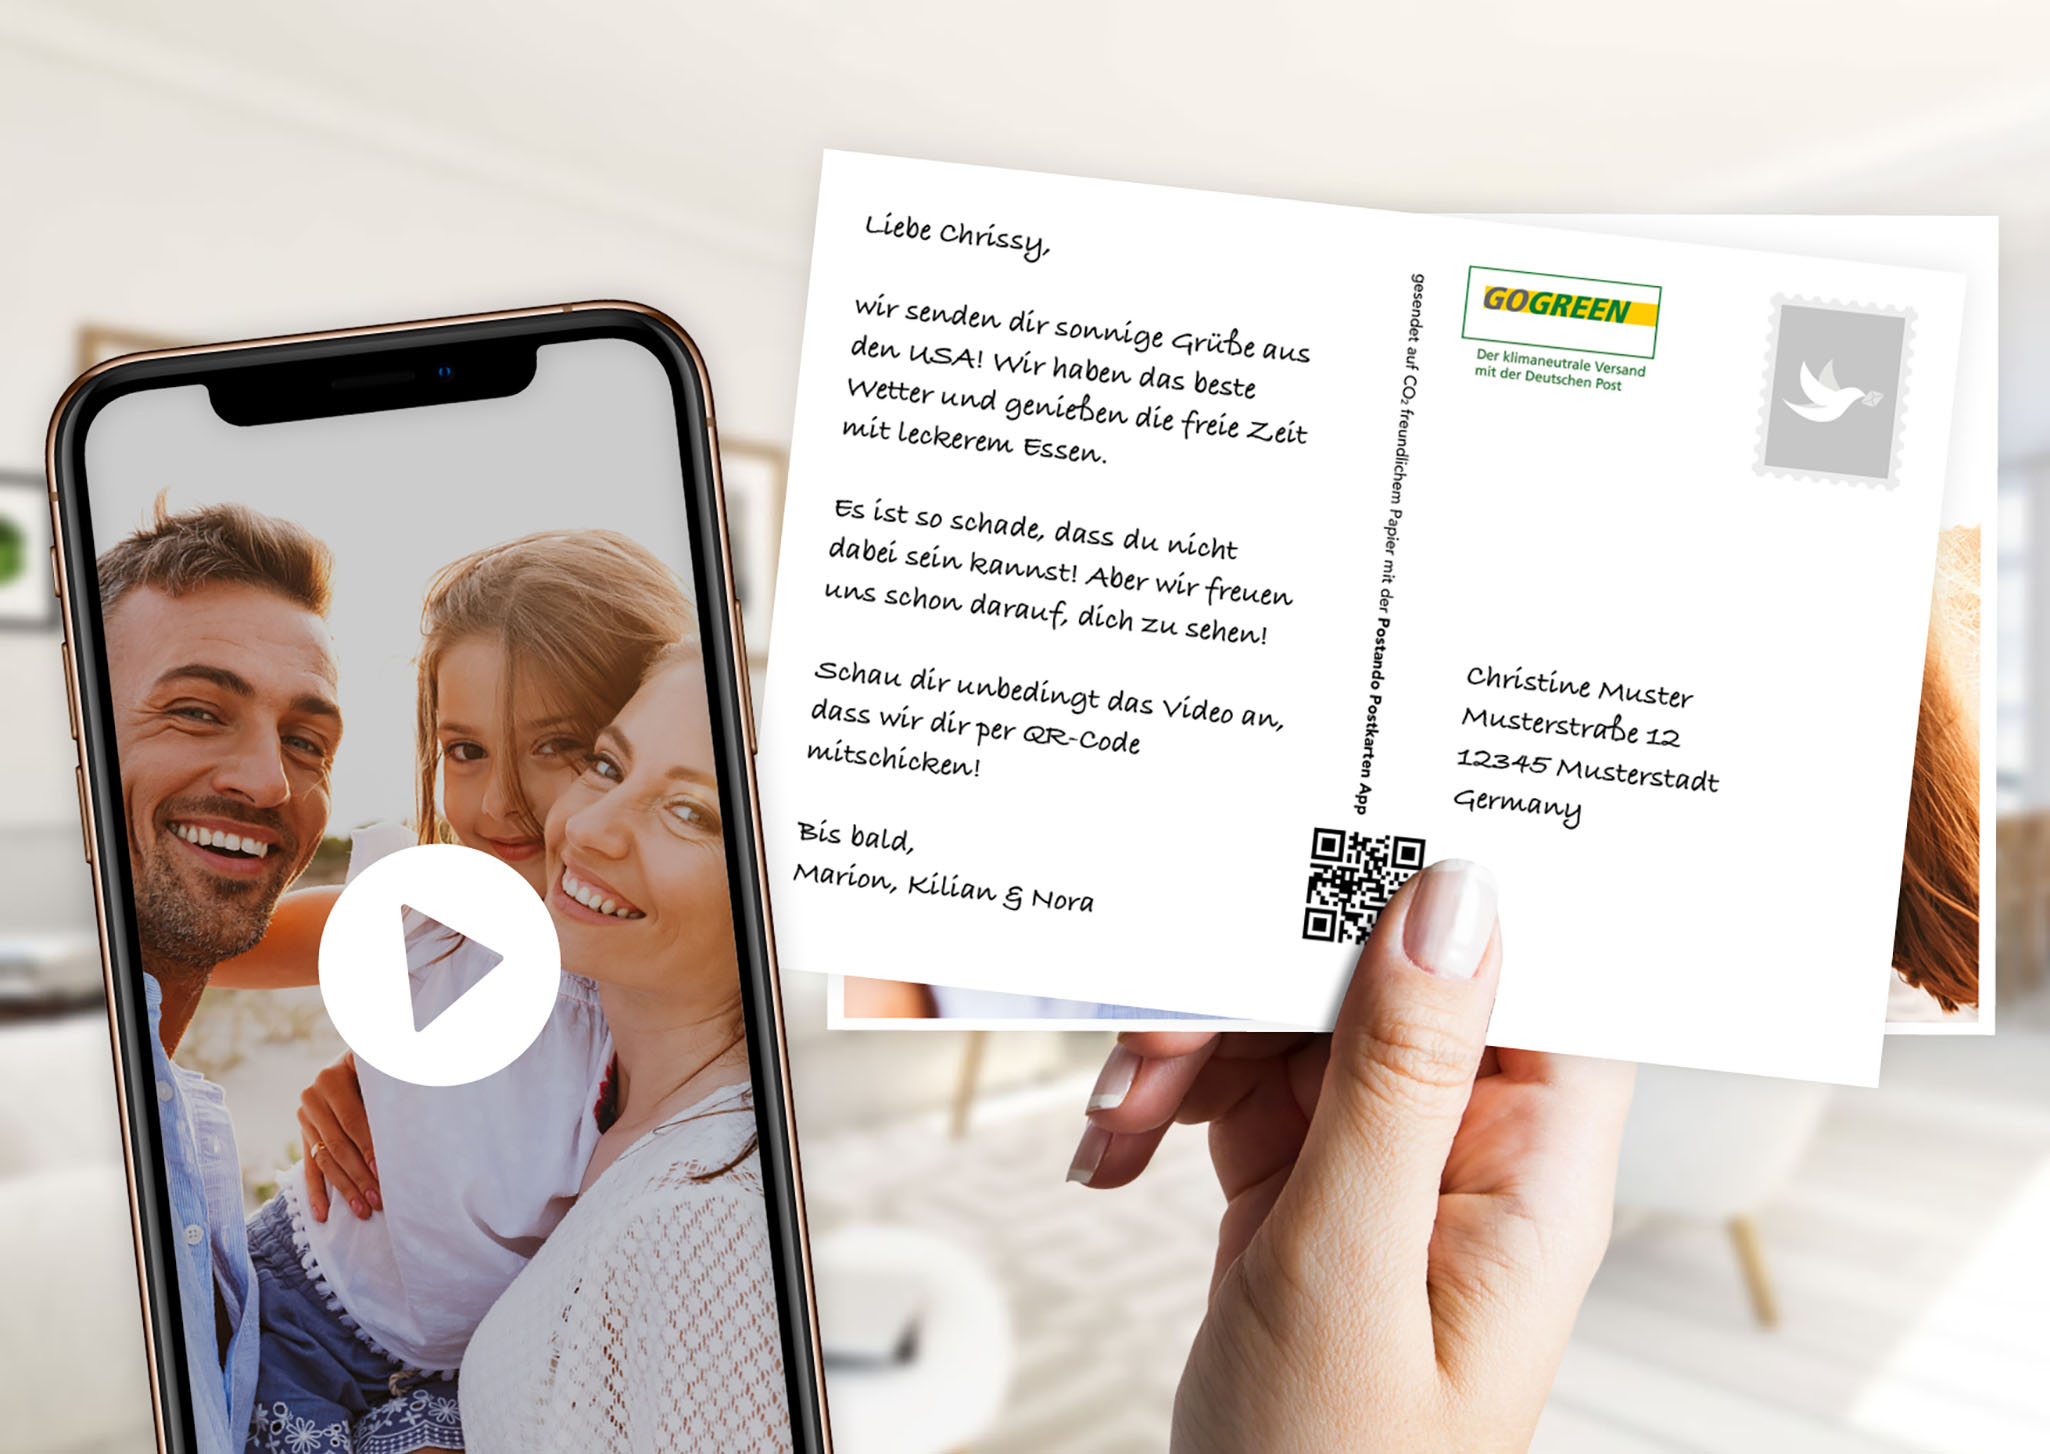 Postando: Die Postkarte mit Videobotschaft